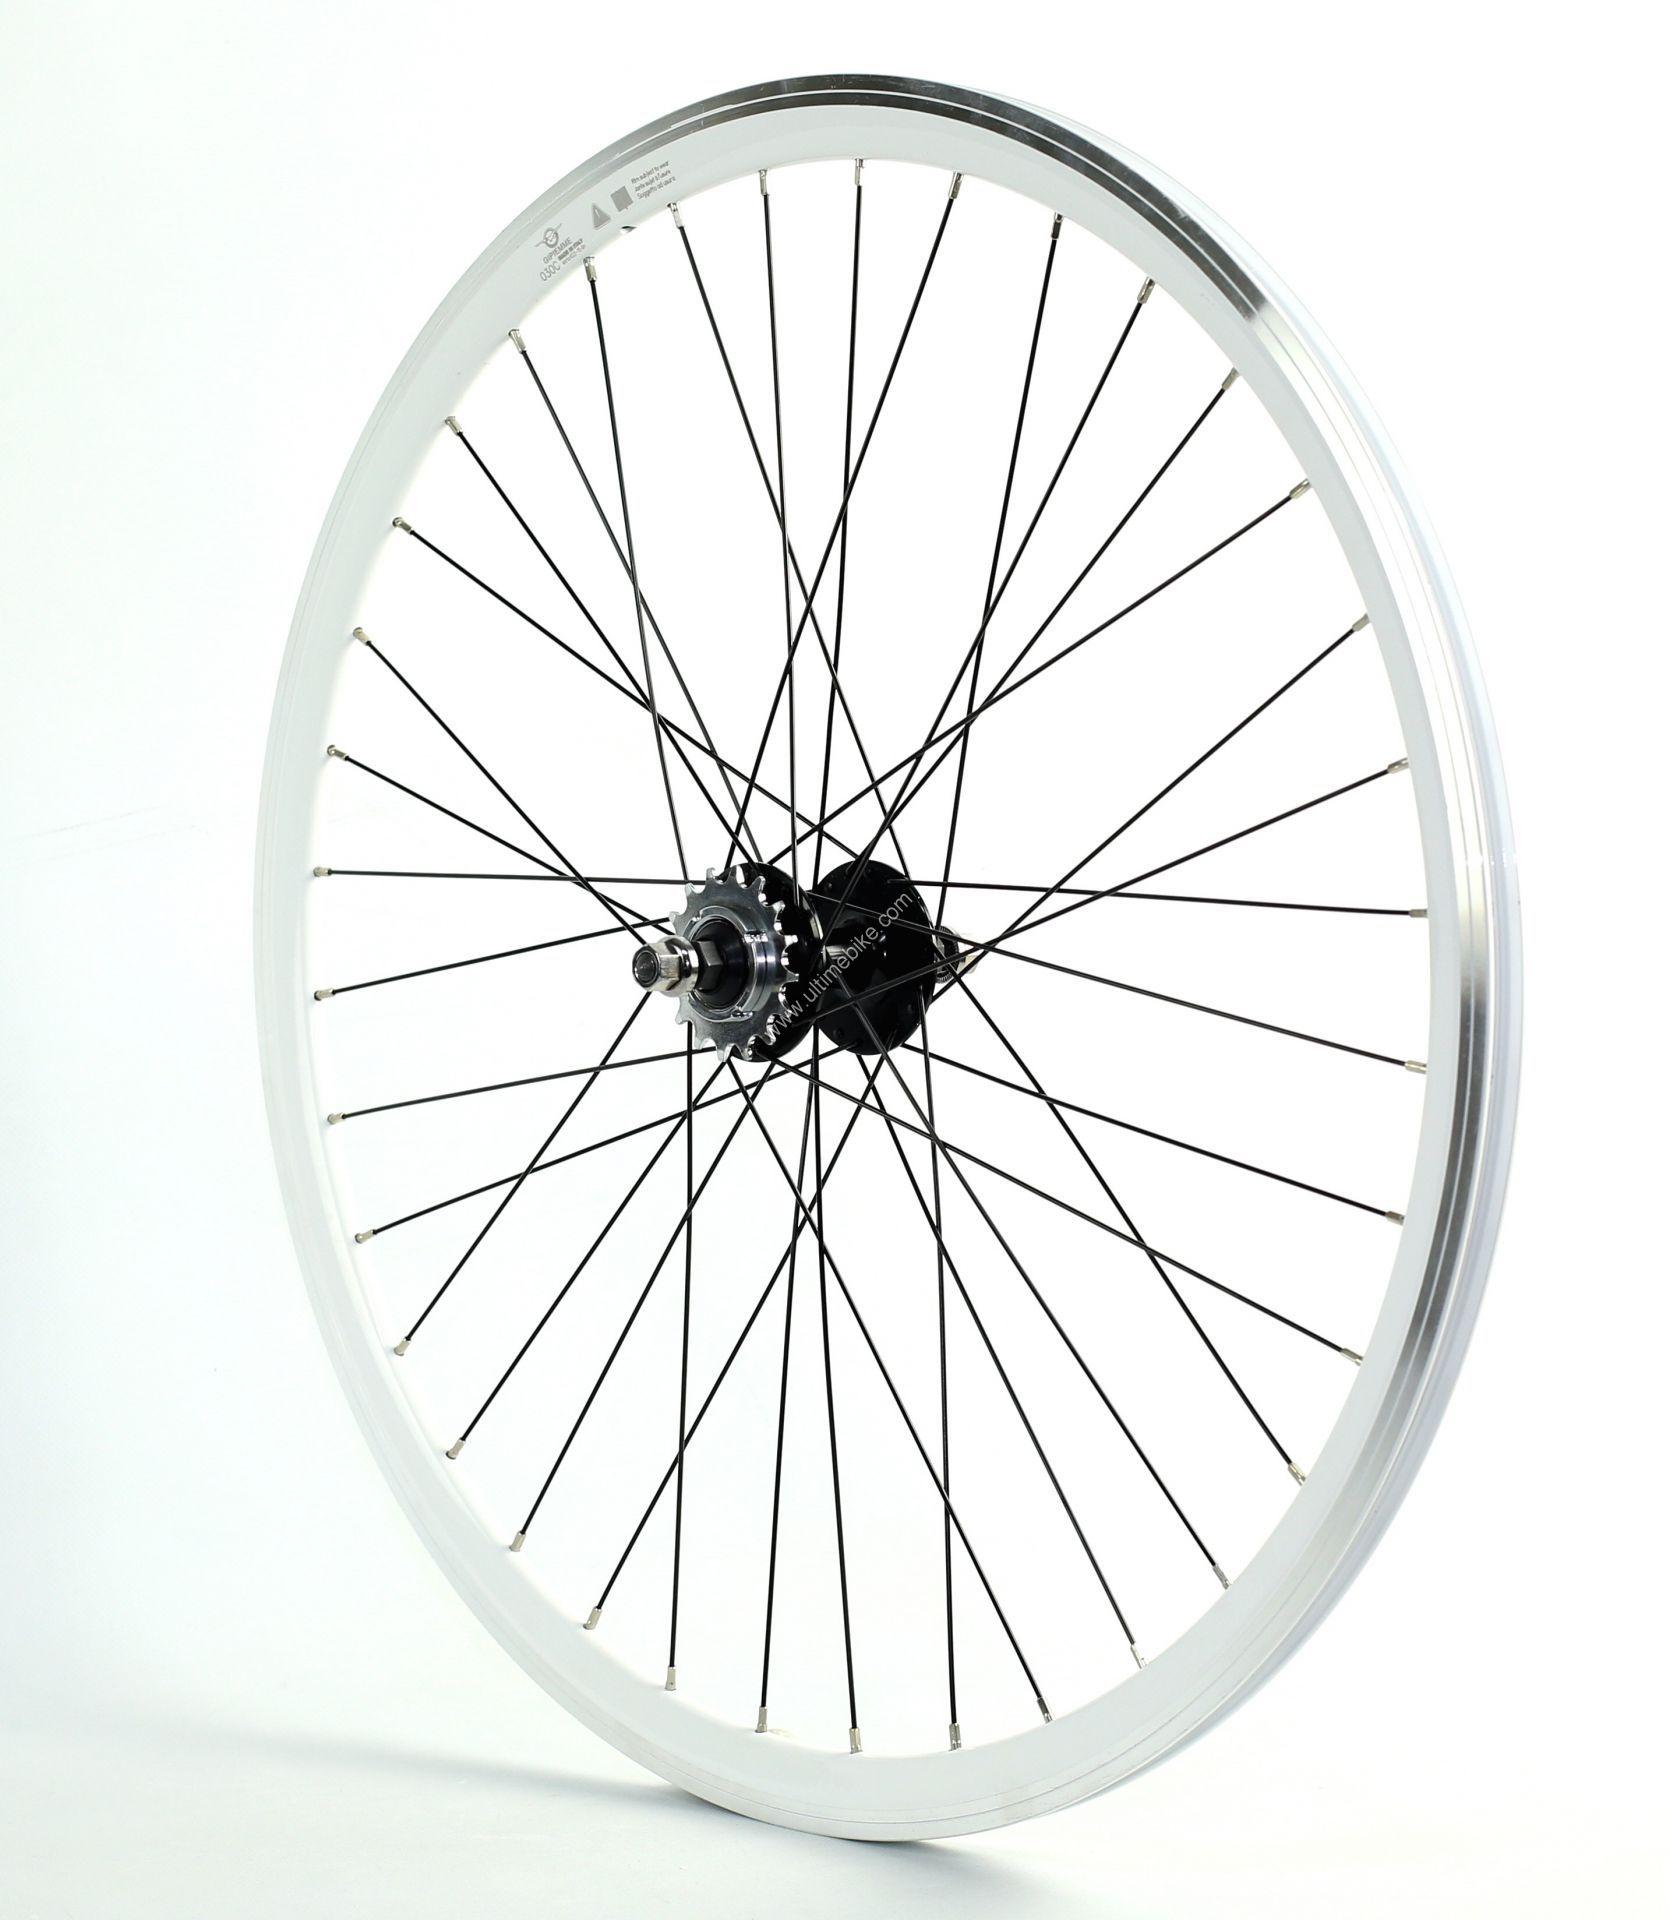 roue fixie arri re 700 gipiemme flip flop hauteur 30 mm blanche pi ces roues et pneus sur. Black Bedroom Furniture Sets. Home Design Ideas